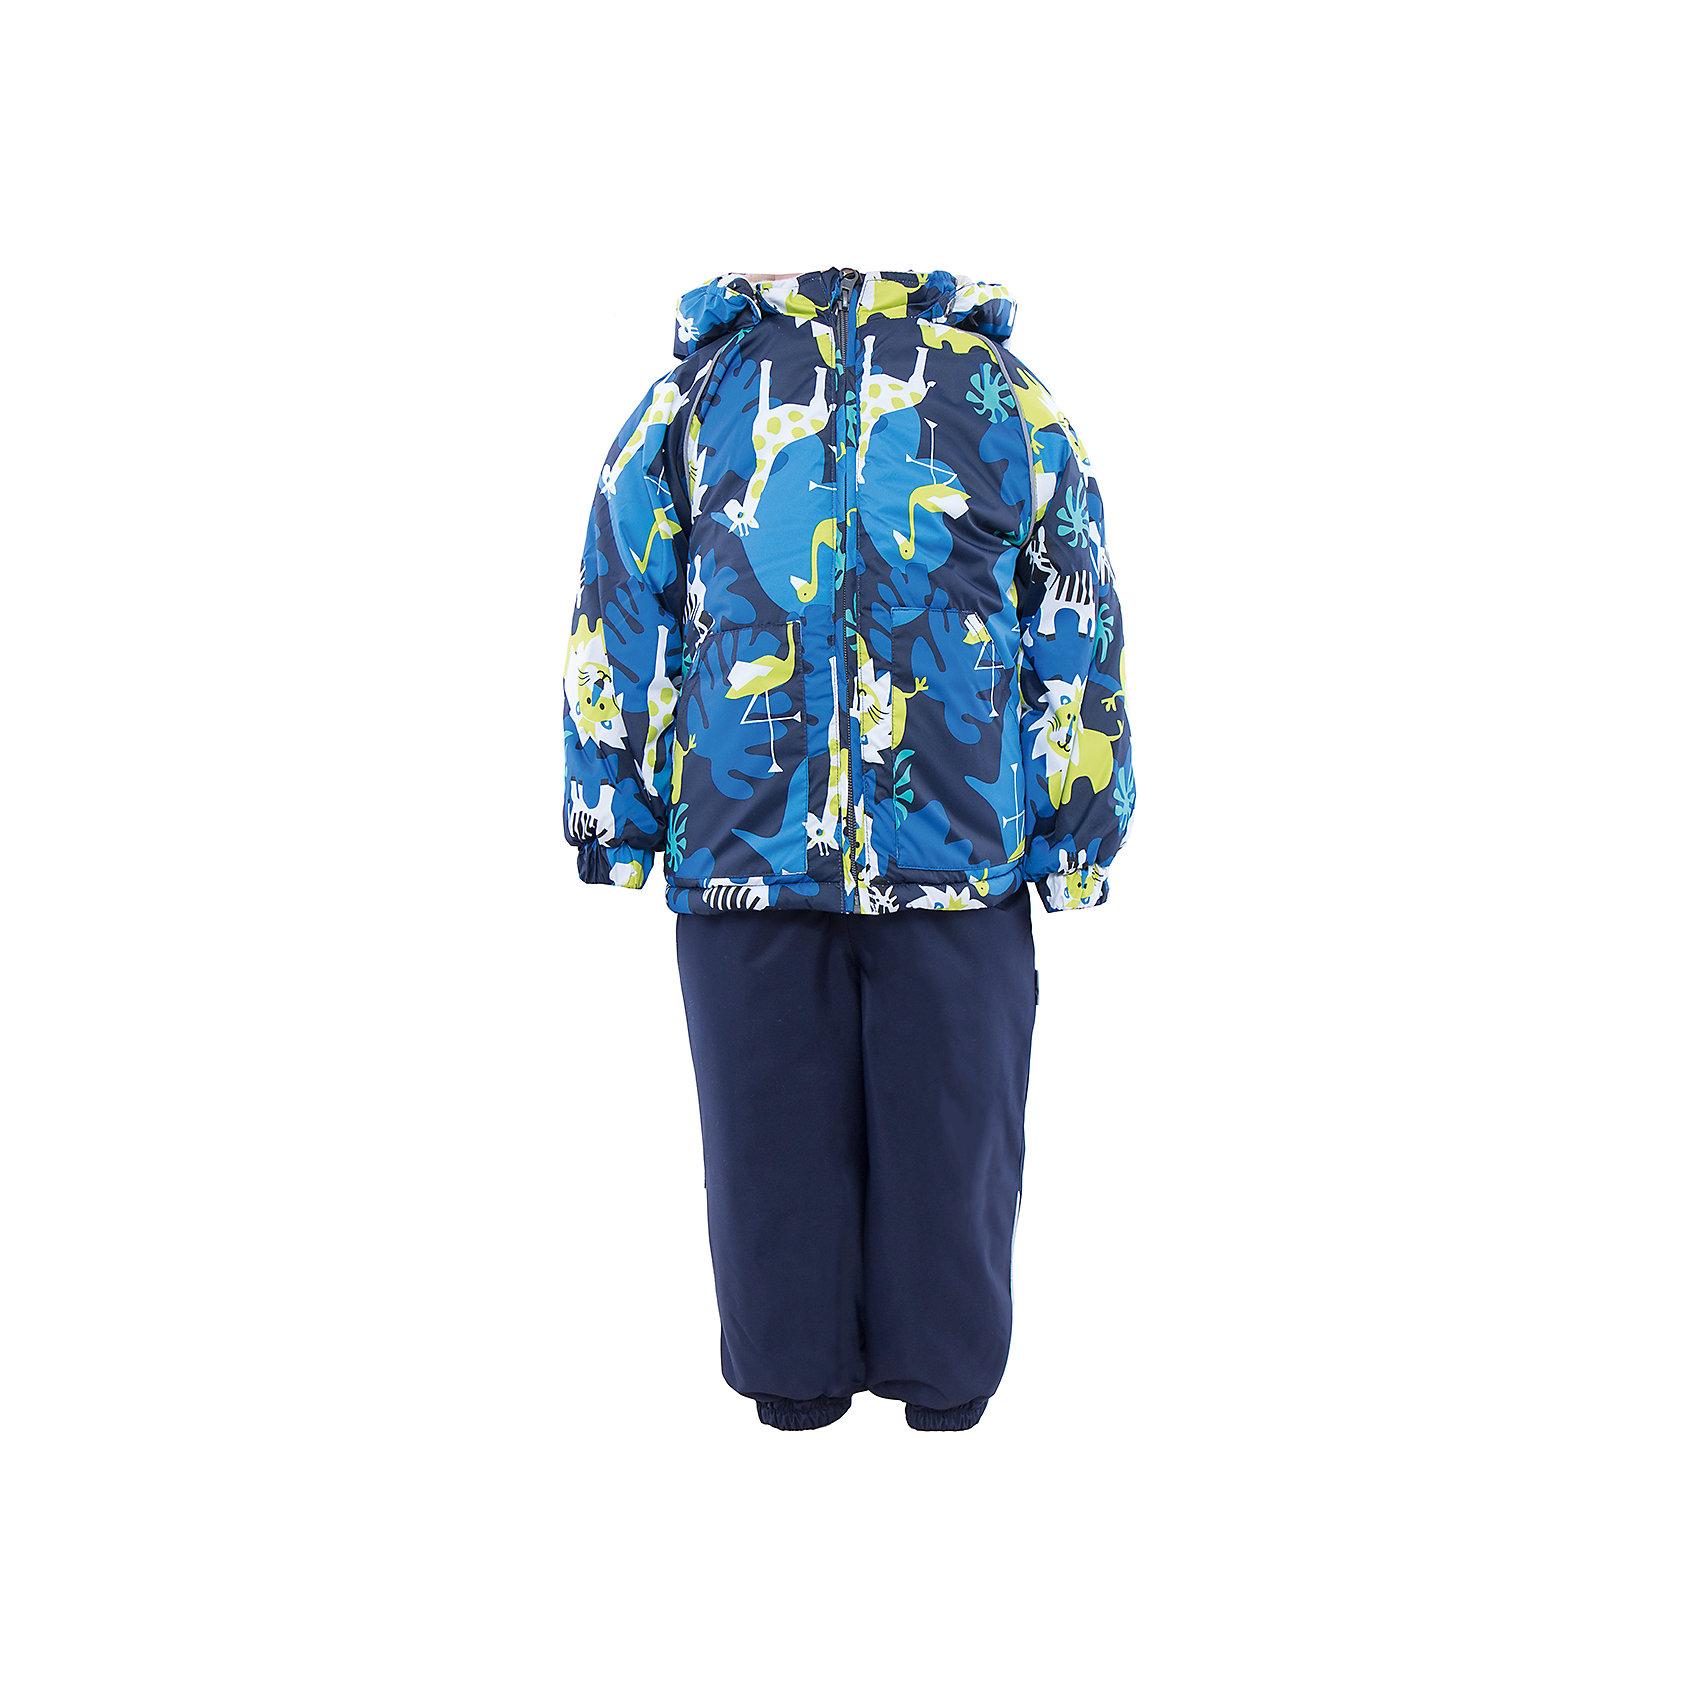 Комплект: куртка и полукомбинезон для мальчика  HuppaВерхняя одежда<br>Комплект из куртки и комбинезона AVERY1 Huppa(Хуппа).<br><br>Утеплитель: 100% полиэстер. Куртка – 300 гр., полукомбинезон – 160 гр.<br><br>Температурный режим: до -30 градусов. Степень утепления – высокая. <br><br>* Температурный режим указан приблизительно — необходимо, прежде всего, ориентироваться на ощущения ребенка. Температурный режим работает в случае соблюдения правила многослойности – использования флисовой поддевы и термобелья.<br><br>Отлично подойдет для зимних прогулок. Комбинезон имеет подтяжки и резинки на талии и манжетах. Куртка с капюшоном и резинками на манжетах имеет необычный дизайн и принт со зверюшками.<br><br>Особенности:<br>-плотная дышащая и водоотталкивающая мембрана<br>-водонепроницаемый<br>-мягкая фланелевая подкладка<br>-водостойкая лента на швах<br>-высокая прочность<br>-светоотражающие элементы<br>-съемный капюшон (мех не отстегивается)<br><br>Дополнительная информация:<br>Материал: 100% полиэстер<br>Подкладка: фланель - 100% хлопок<br>Цвет: синий/темно-синий<br><br>Вы можете приобрести комплект AVERY1 Huppa(Хуппа) в нашем интернет-магазине.<br><br>Ширина мм: 356<br>Глубина мм: 10<br>Высота мм: 245<br>Вес г: 519<br>Цвет: синий<br>Возраст от месяцев: 12<br>Возраст до месяцев: 15<br>Пол: Мужской<br>Возраст: Детский<br>Размер: 80,86,92,98,104<br>SKU: 4928810